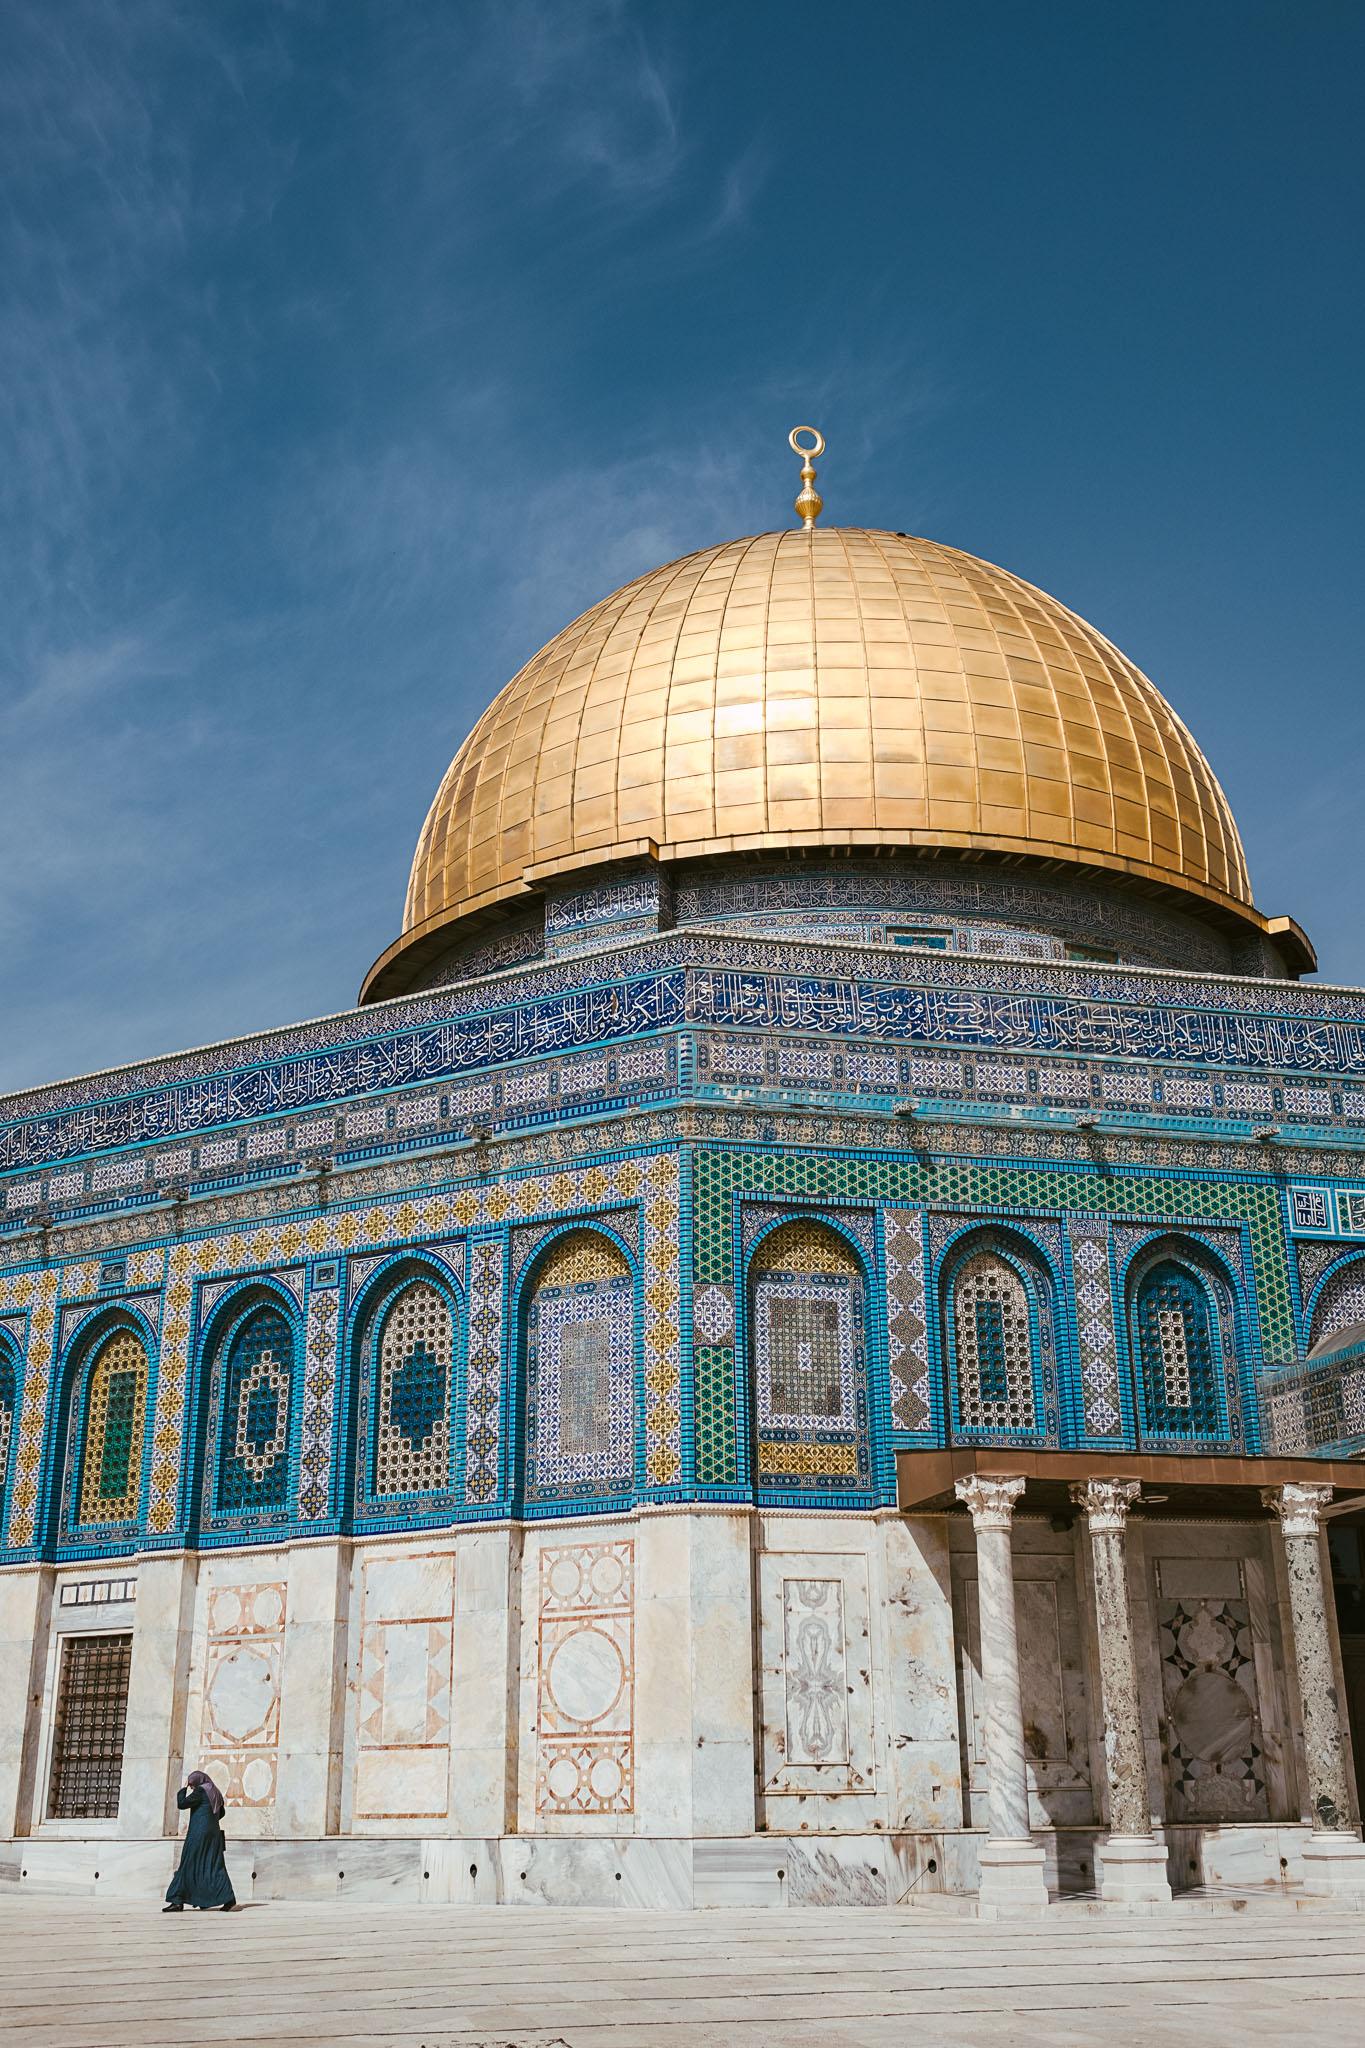 jerusalem - Israel - geschichten von unterwegs - Reiseblogger (506 von 9)